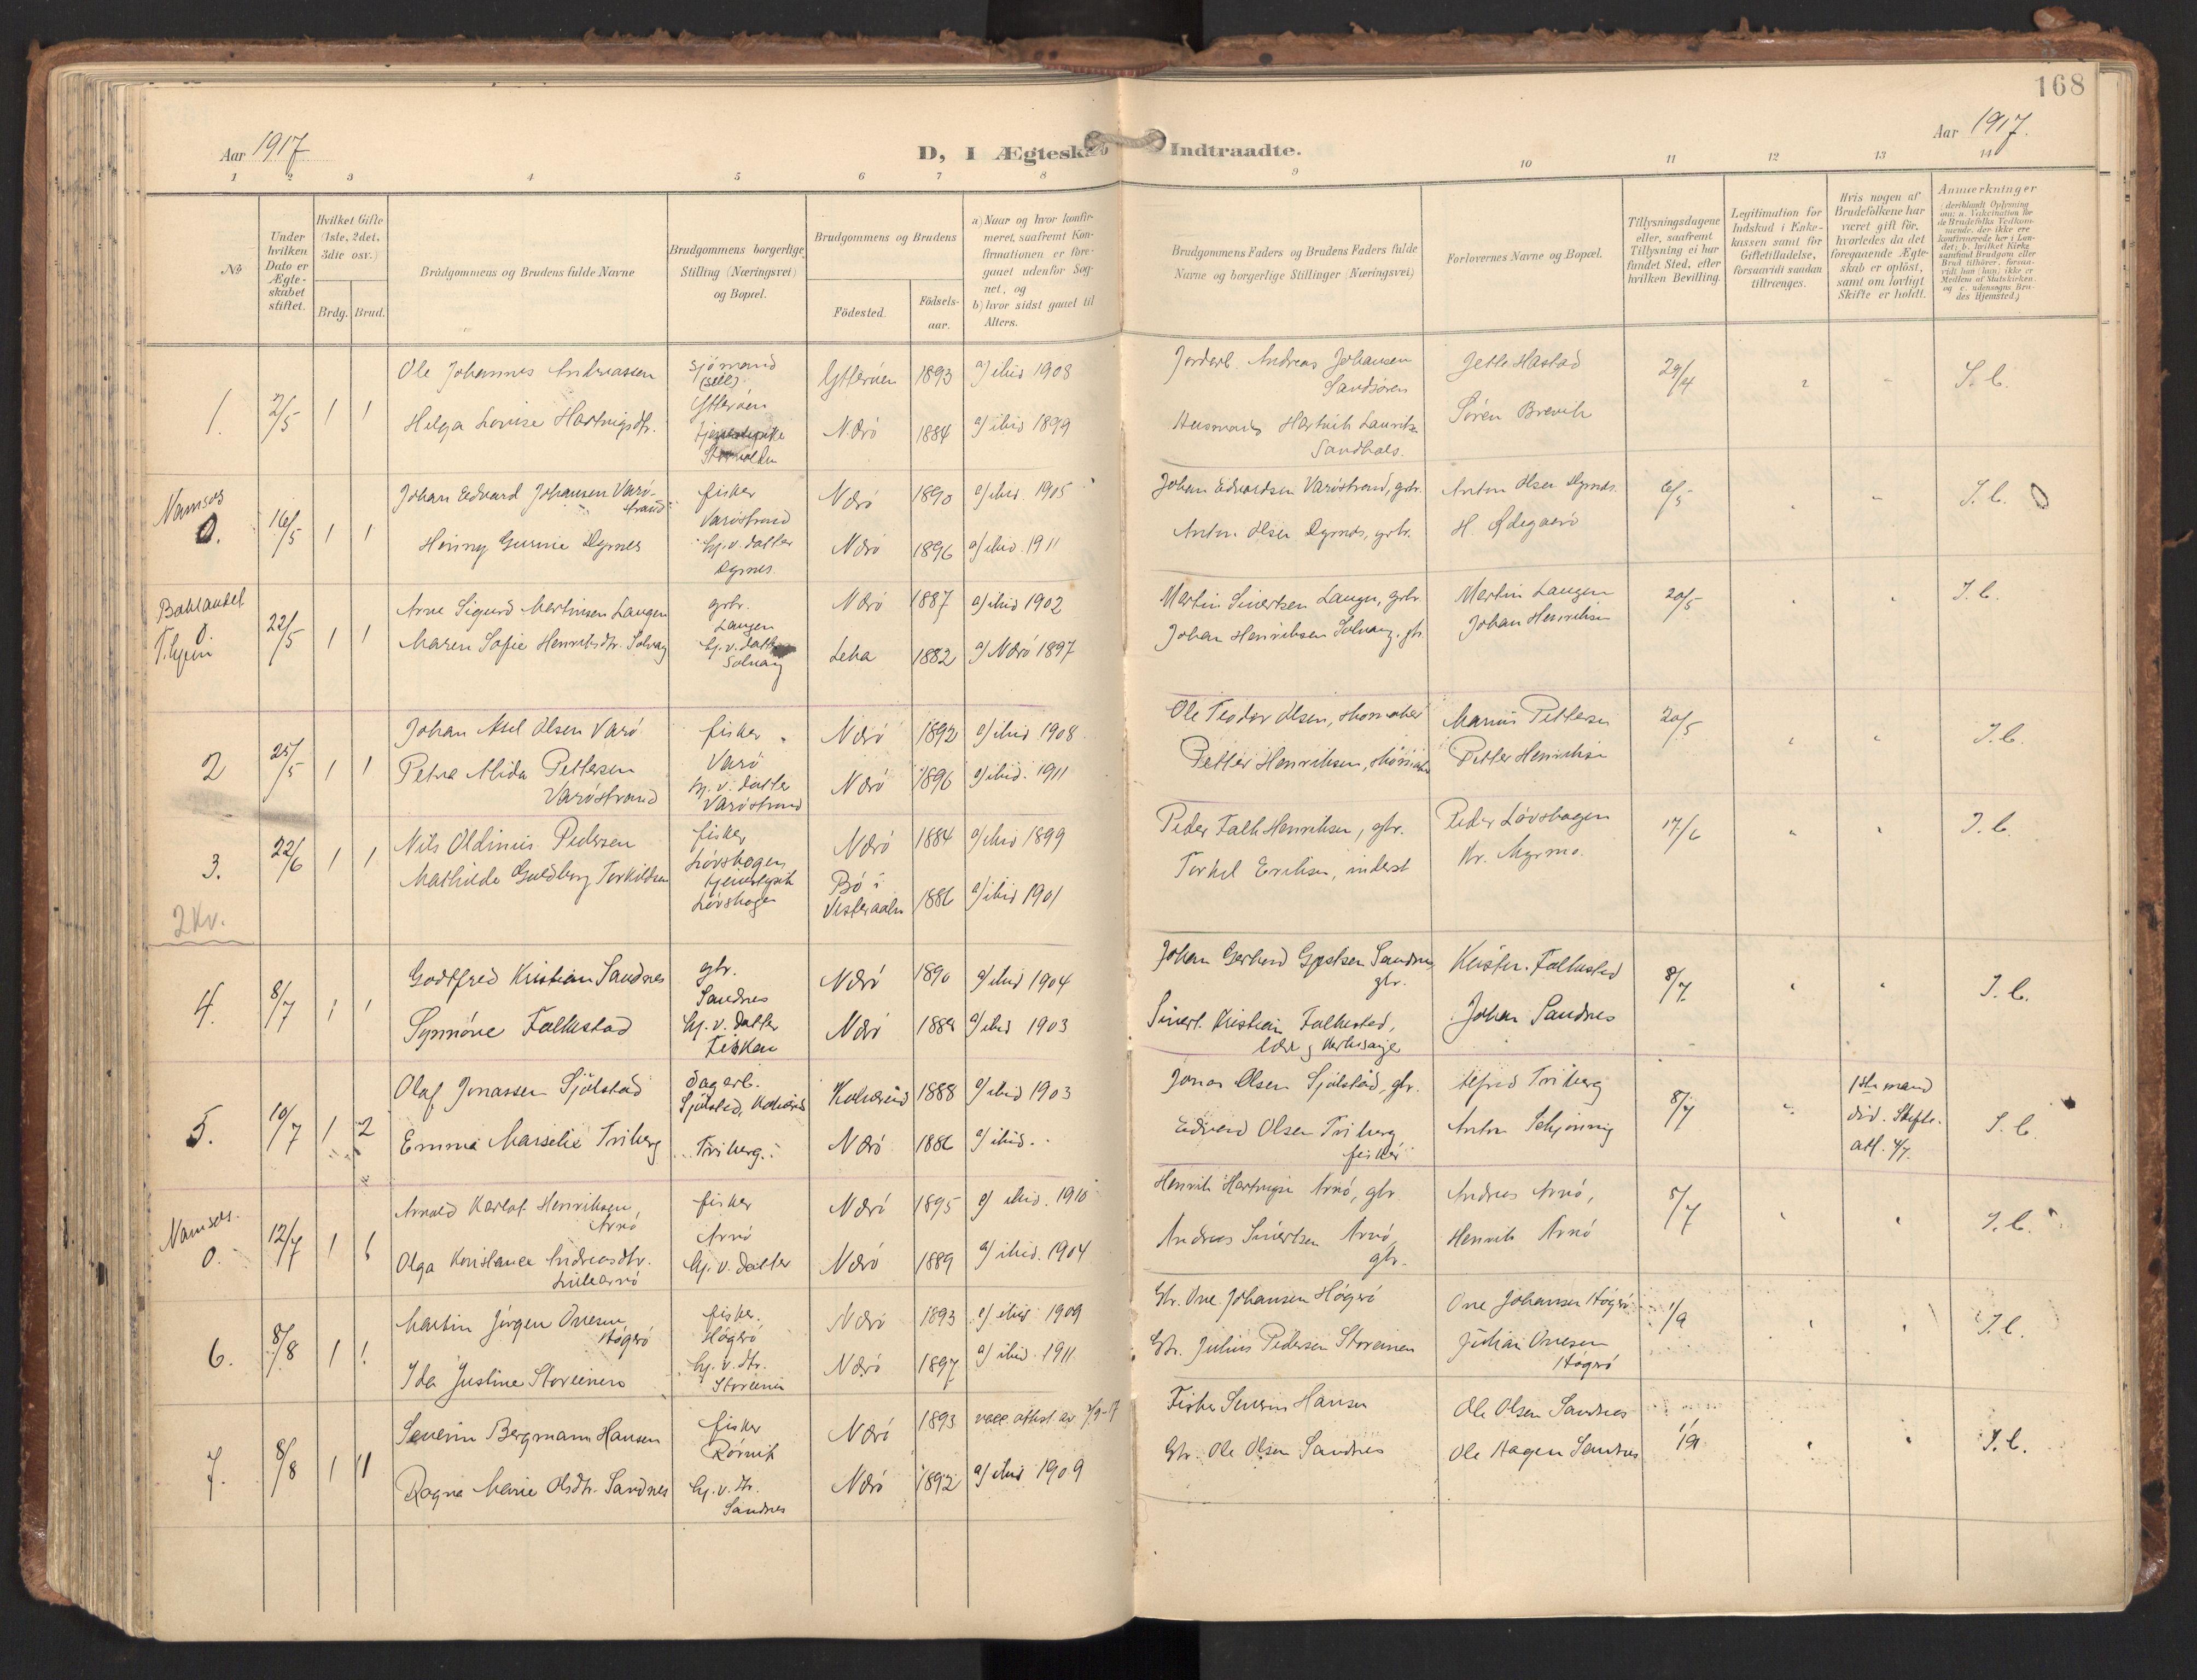 SAT, Ministerialprotokoller, klokkerbøker og fødselsregistre - Nord-Trøndelag, 784/L0677: Ministerialbok nr. 784A12, 1900-1920, s. 168